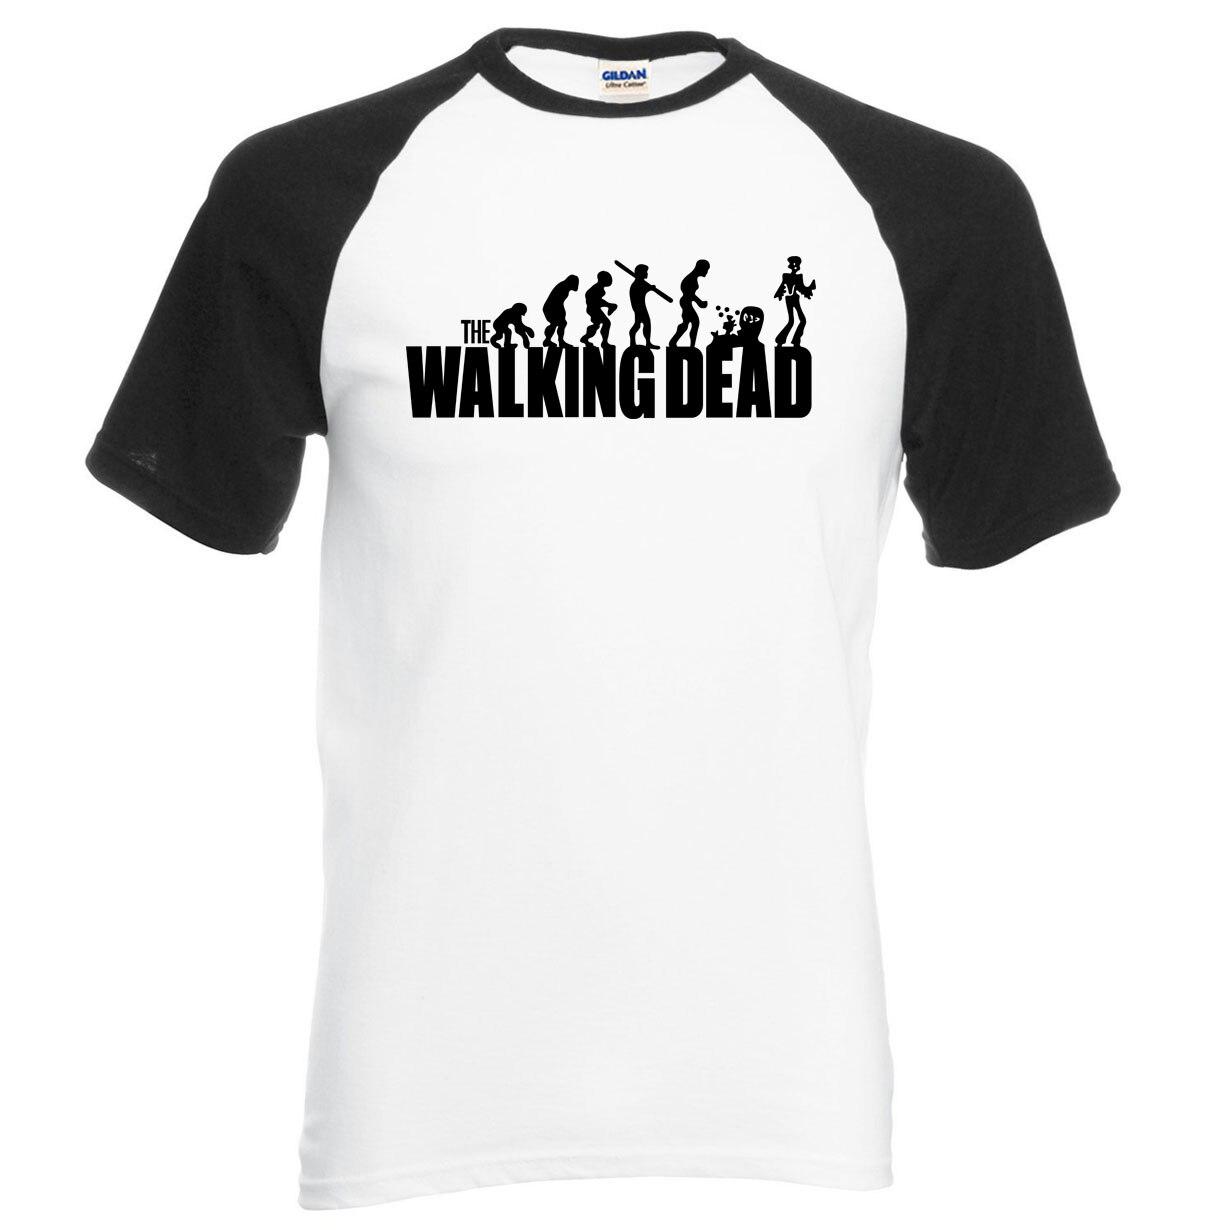 hip hop streetwear The Walking Dead men t shirt 2019 new summer hot sale 100% cotton high quality raglan t-shirt hipster men